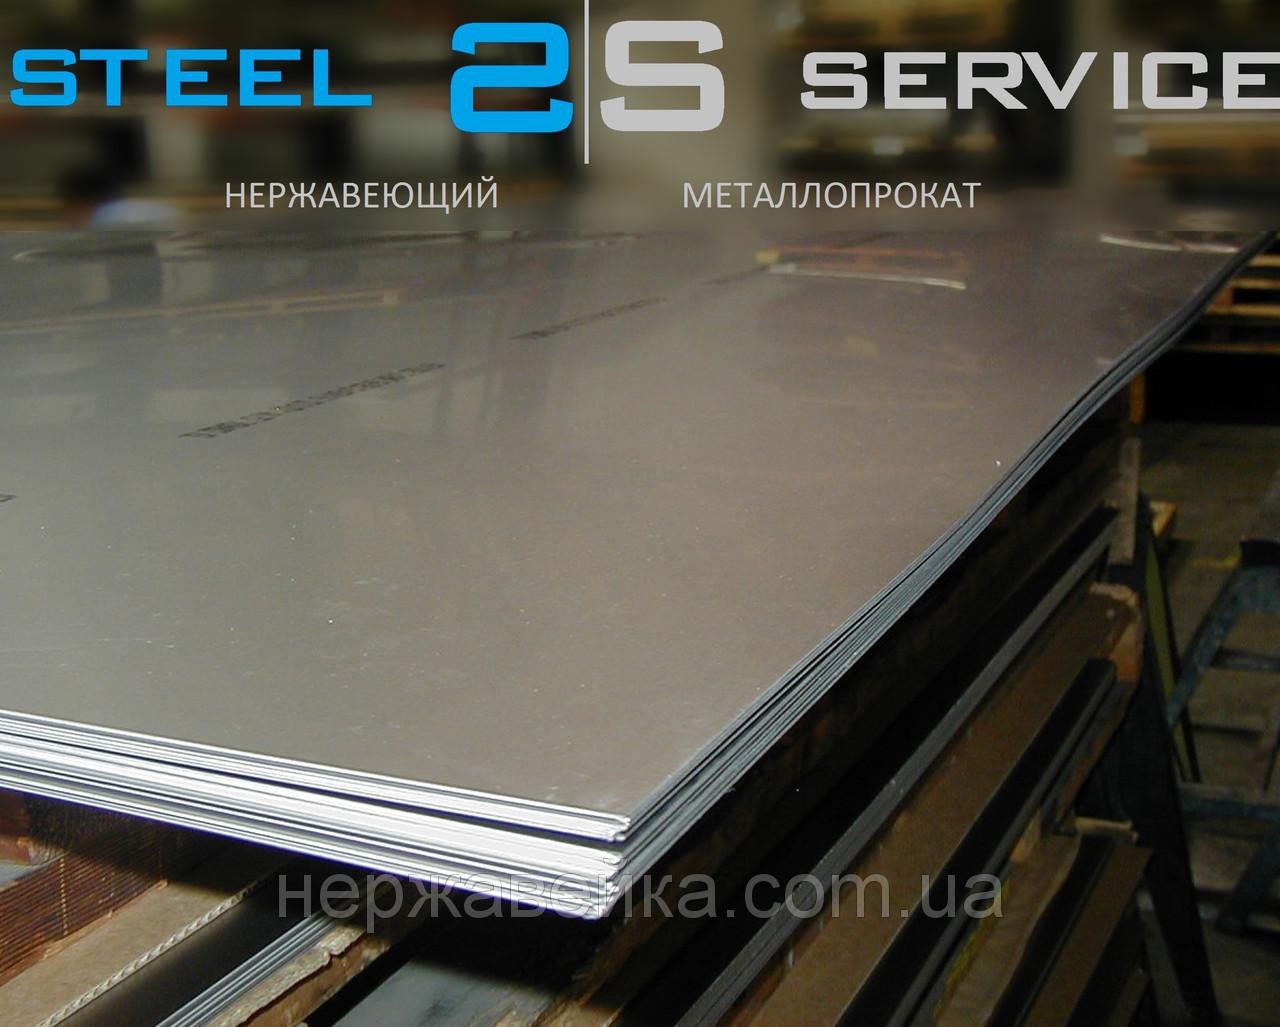 Нержавейка лист 2х1500х3000мм  AISI 316L(03Х17Н14М3) 4N - шлифованный,  кислотостойкий